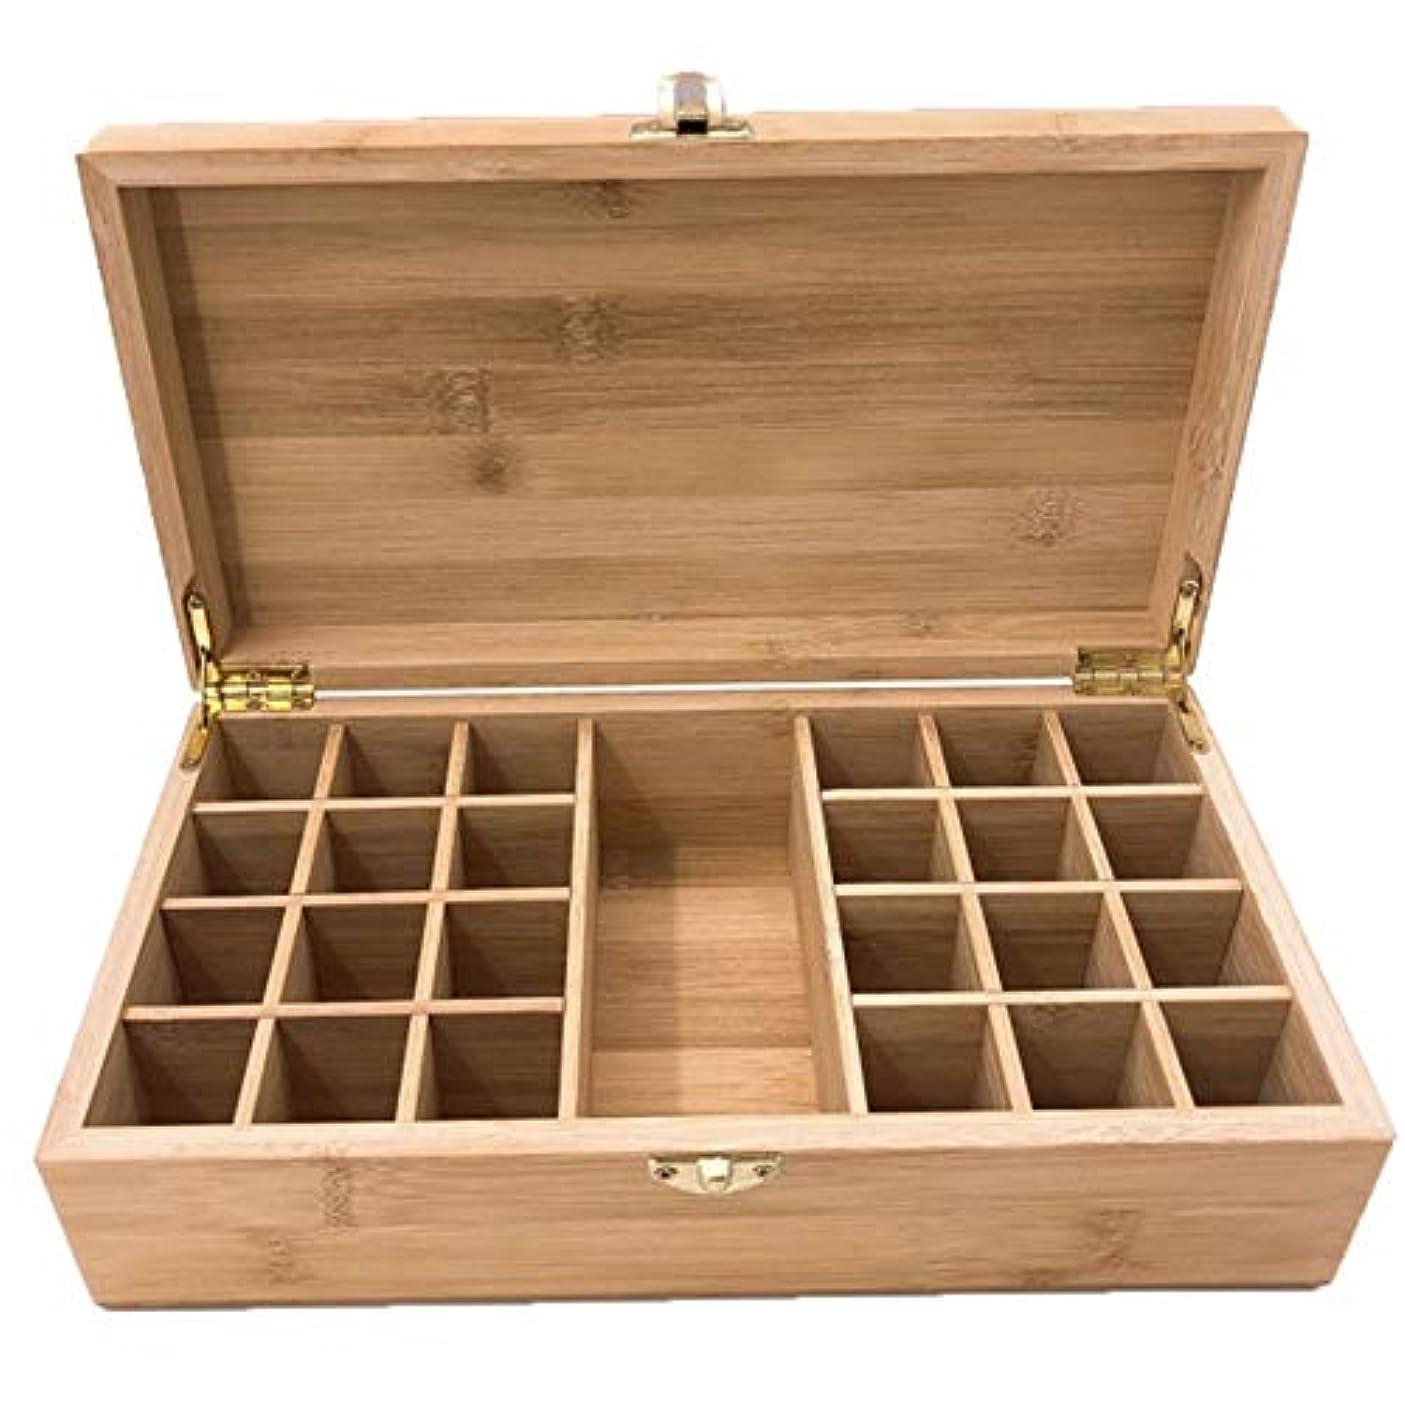 軽食誓う切手エッセンシャルオイルボックス 安全な保管とエッセンシャルオイルの表示の主催木材店25本のボトルが収納ボックスを運びます アロマセラピー収納ボックス (色 : Natural, サイズ : 27.5X15X8.3CM)